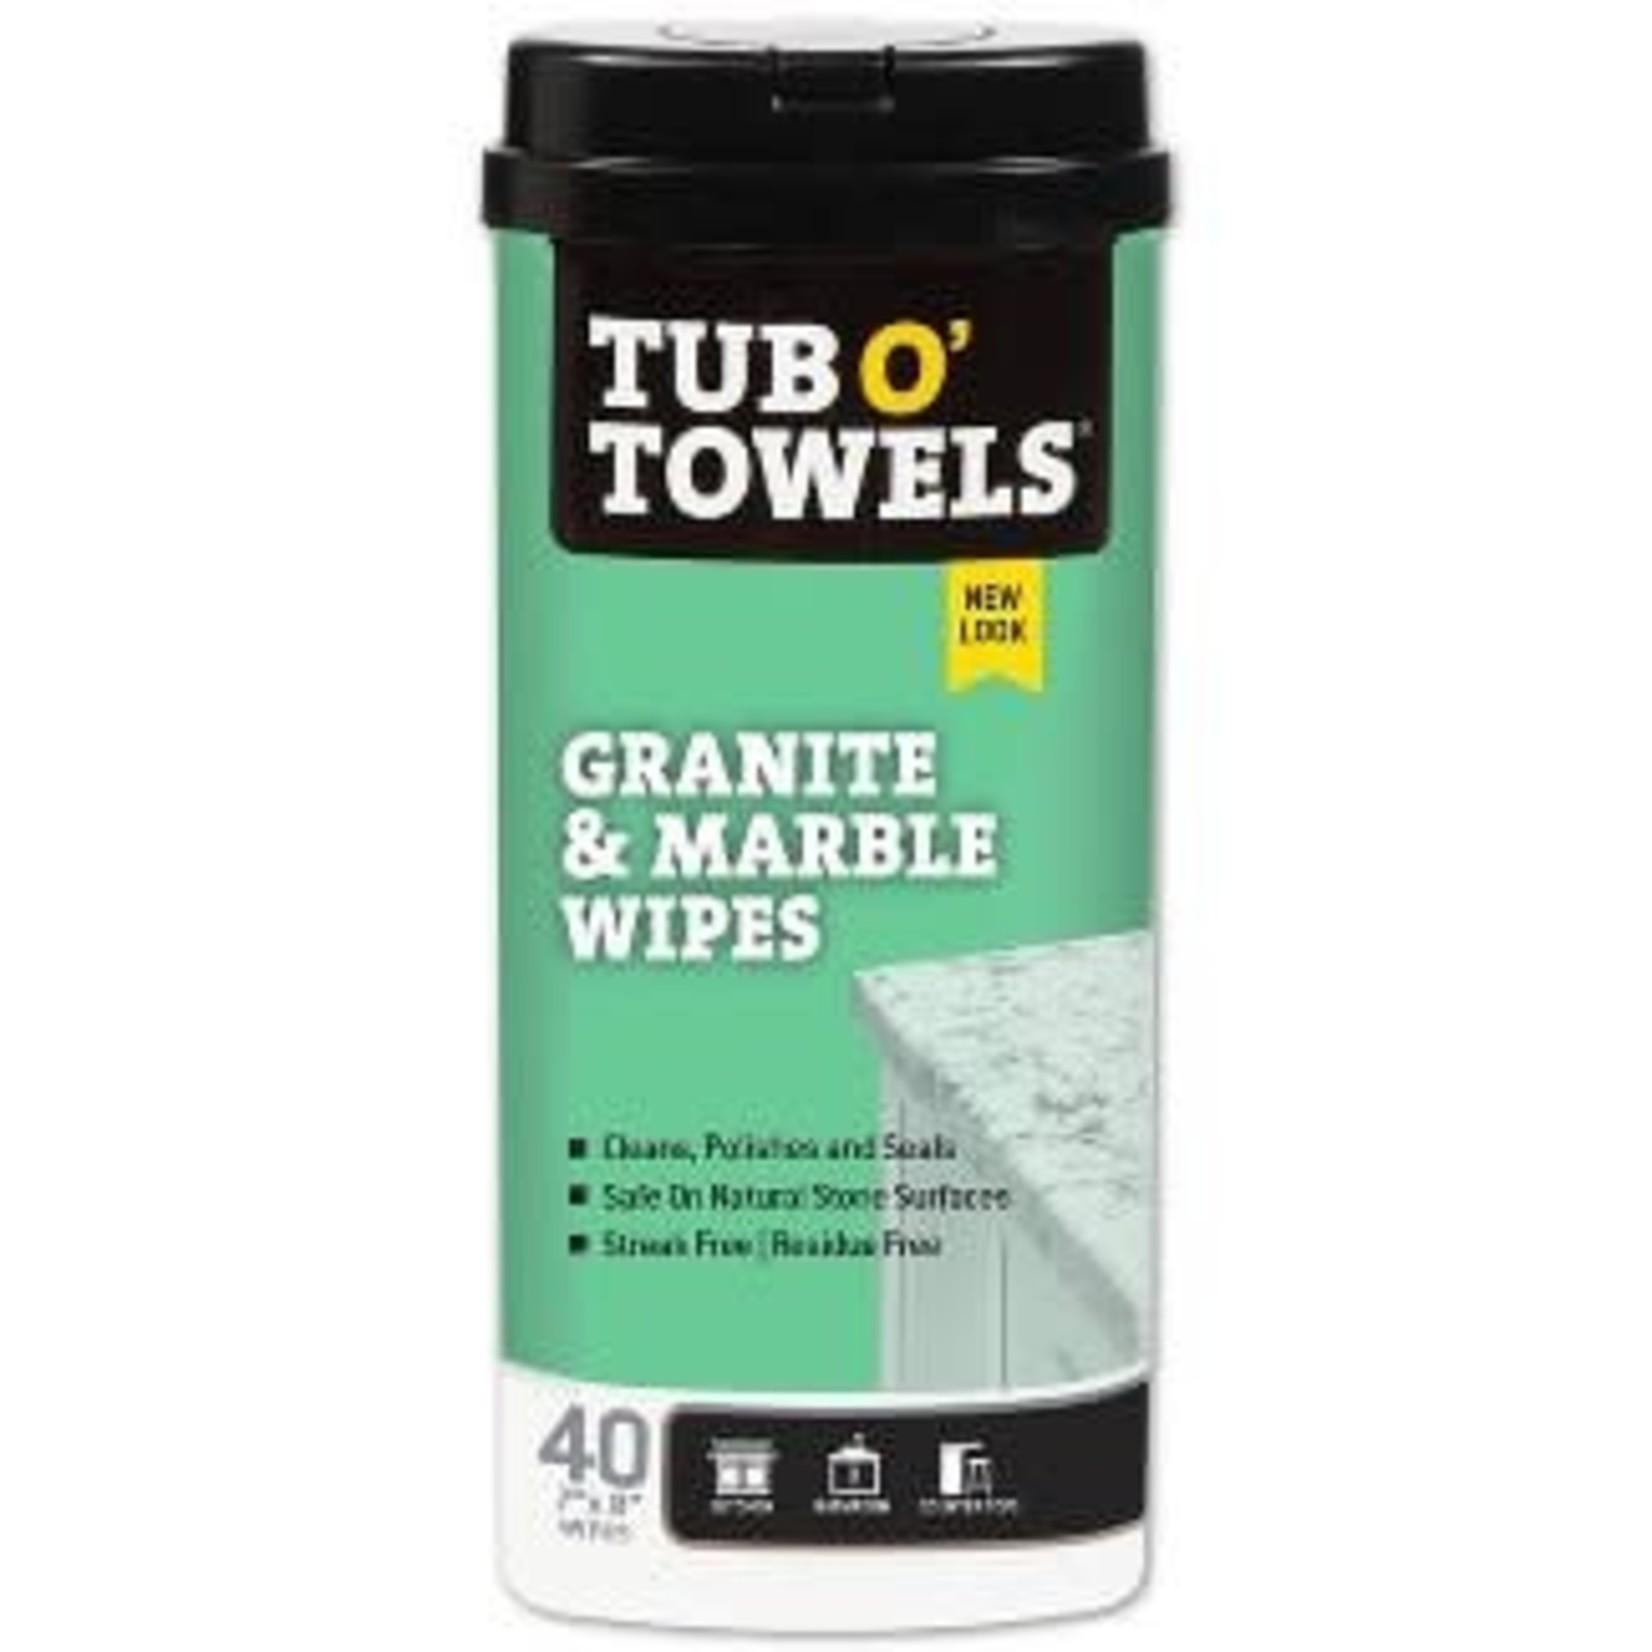 Tub O' Towels Granite & Marble Wipes - 40ct